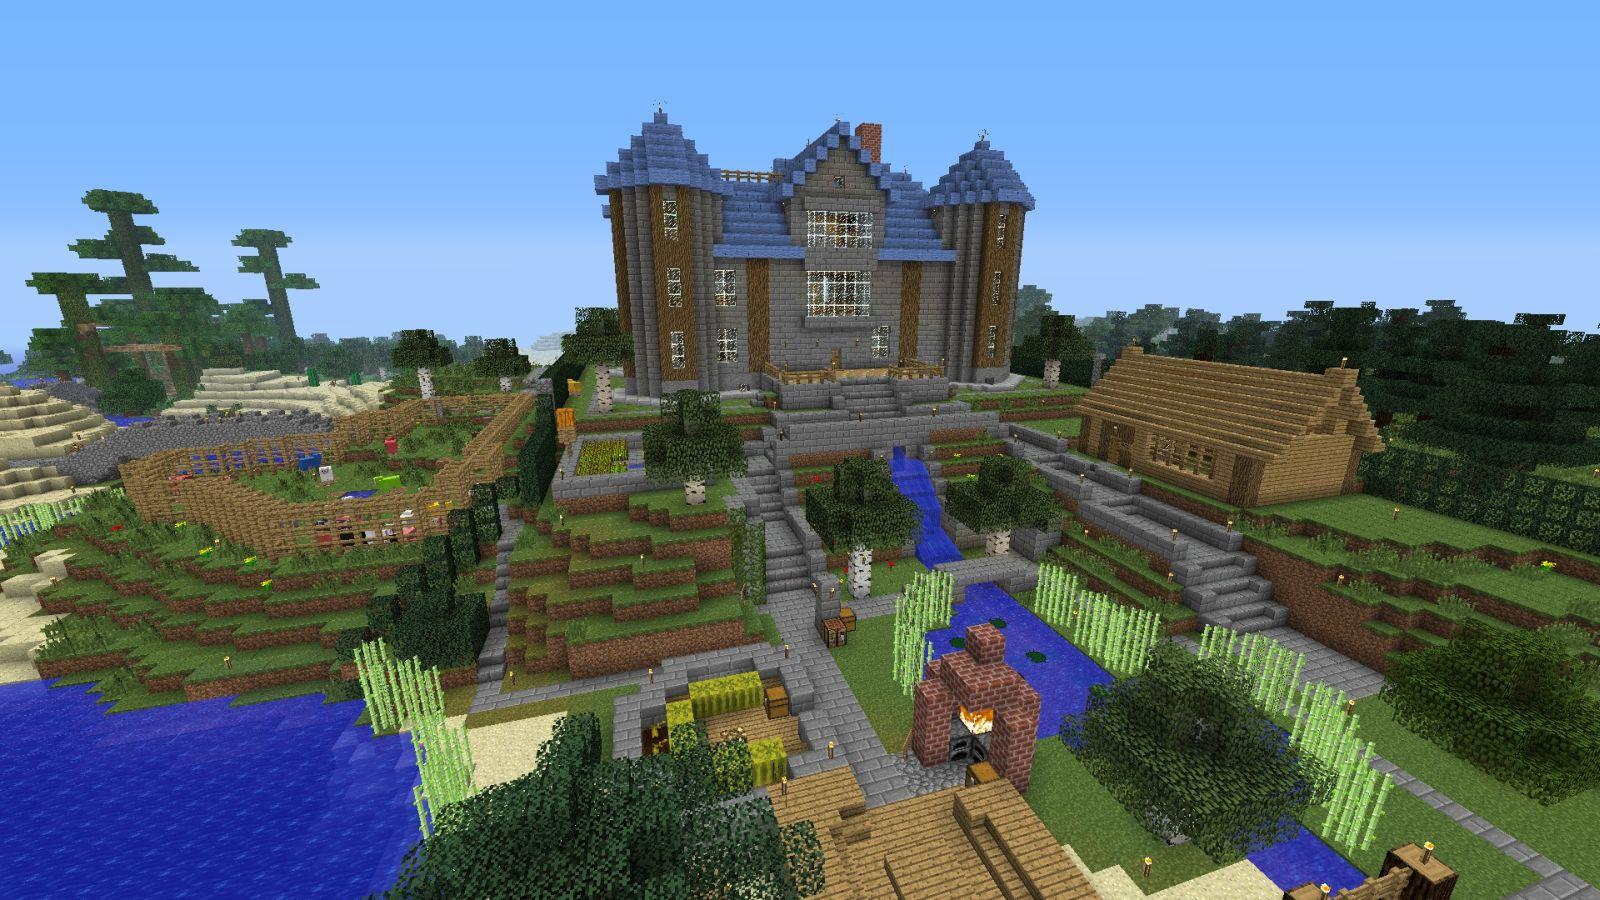 Minecraft Eine Million Gleichzeitig Spielende User Gezählt News - Minecraft spielen de